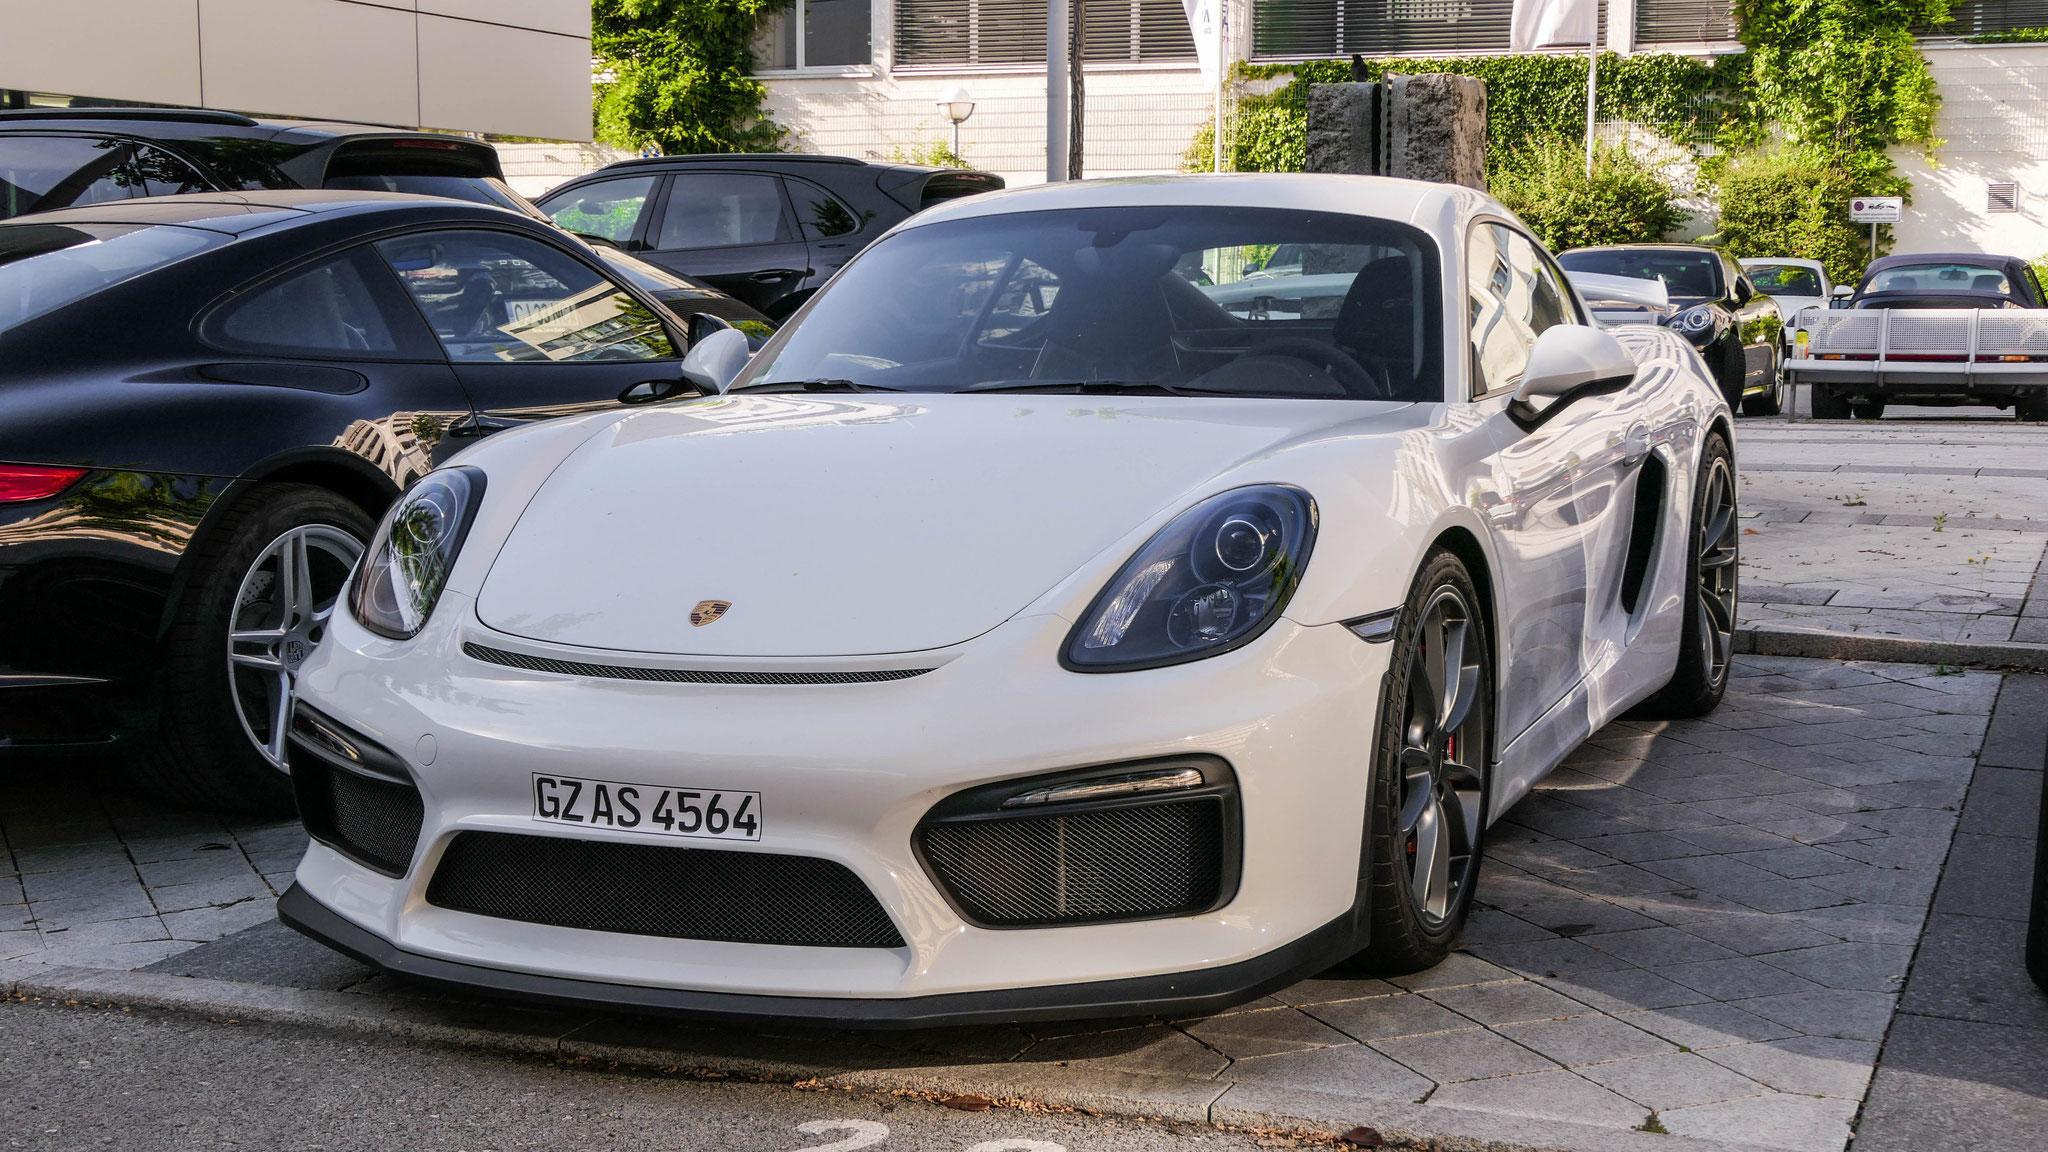 Porsche Cayman GT4 - GZ-AS-4564